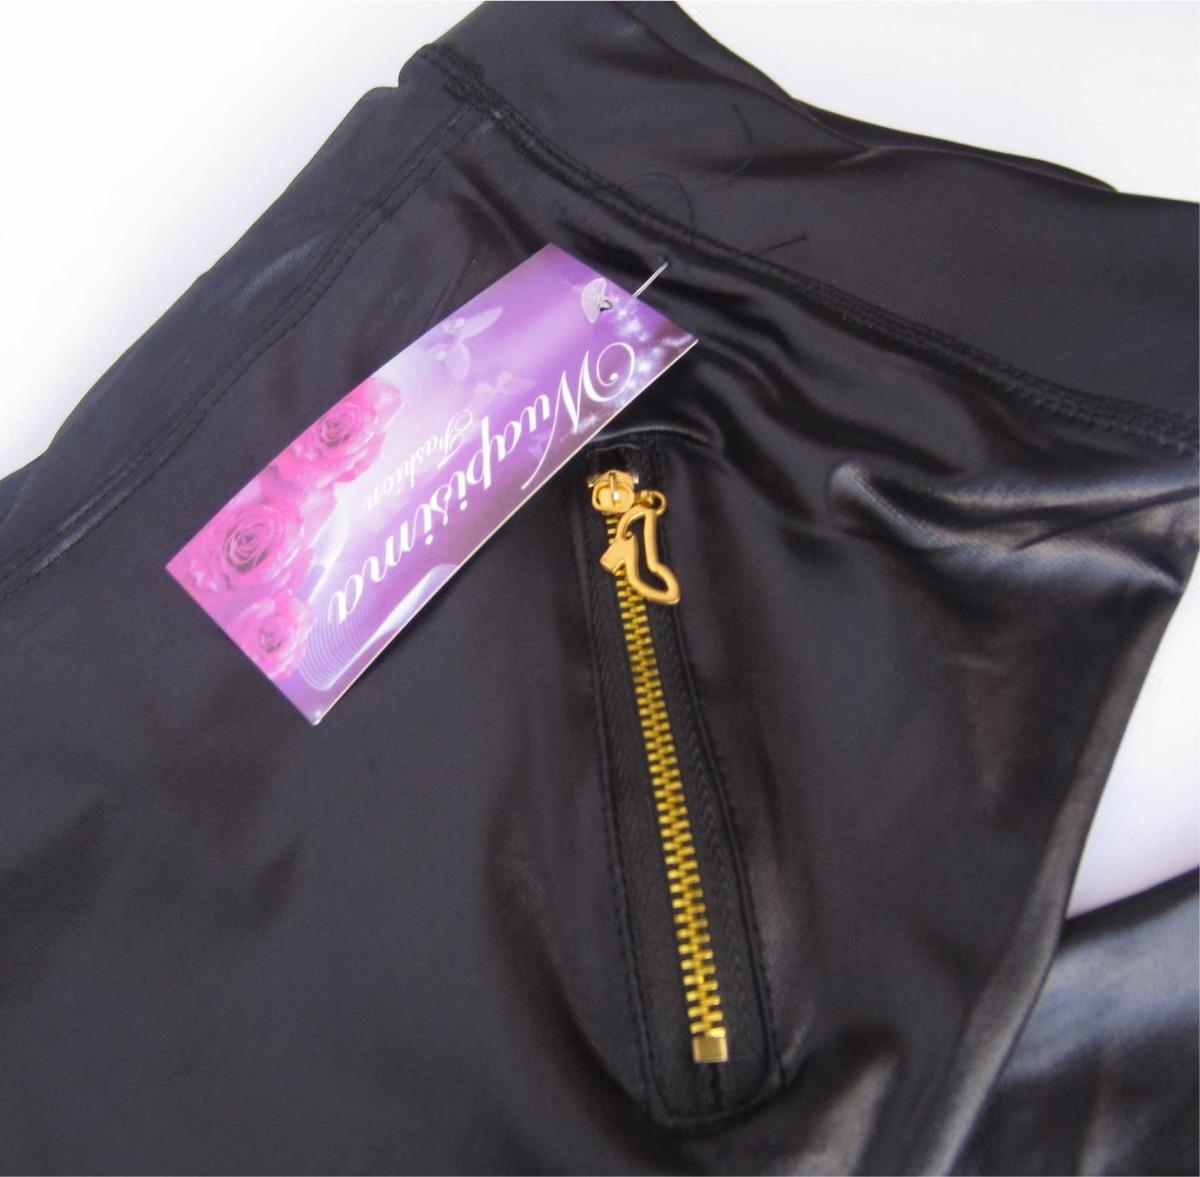 9e7a2707cc Cargando zoom... pantalon mujer leggins. Cargando zoom... leggins pantalon  licra moda mujer sintetico imitacion cuero